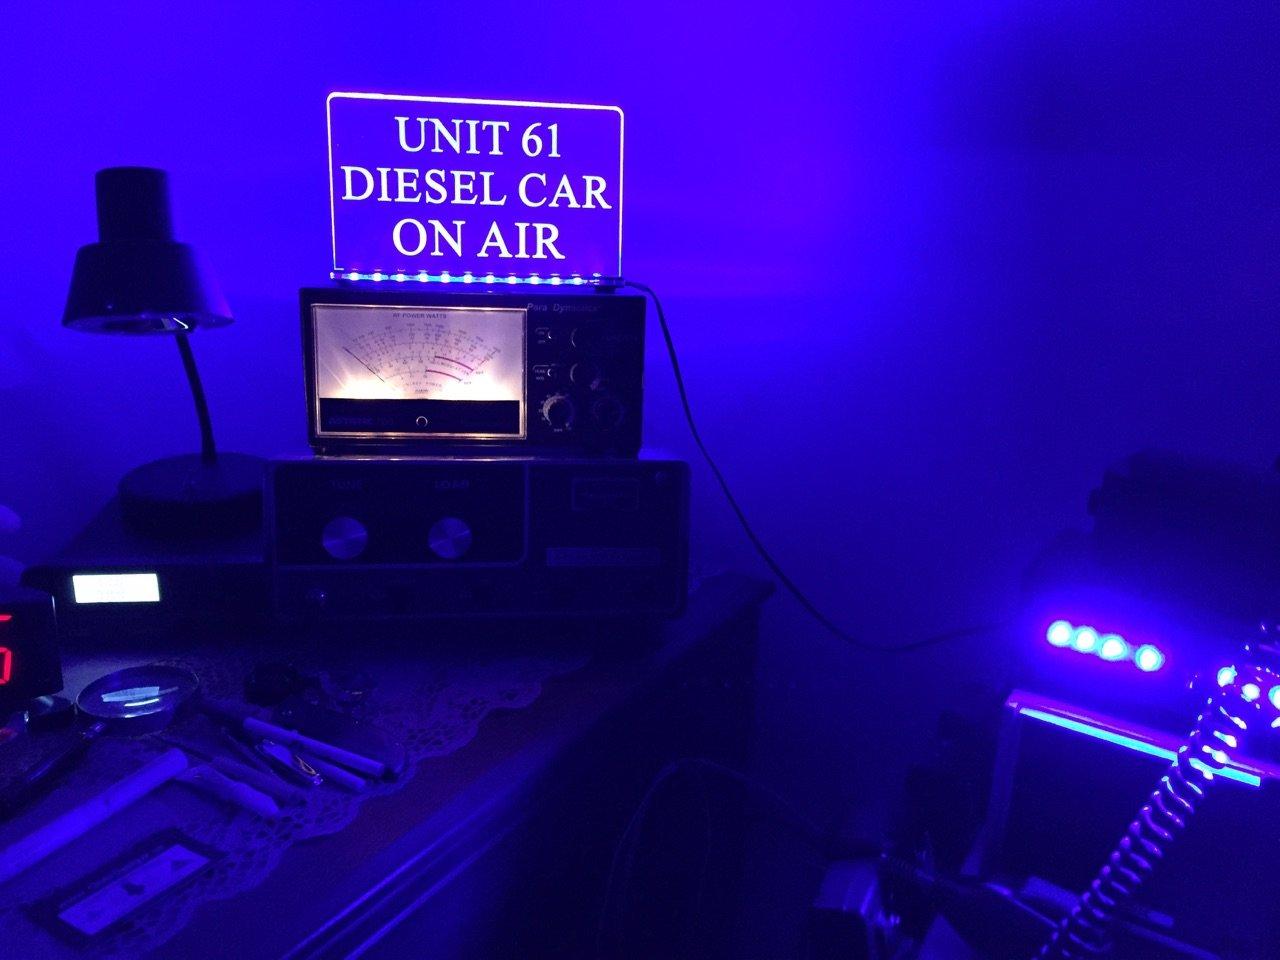 Doug. Unit 61 Diesel Car